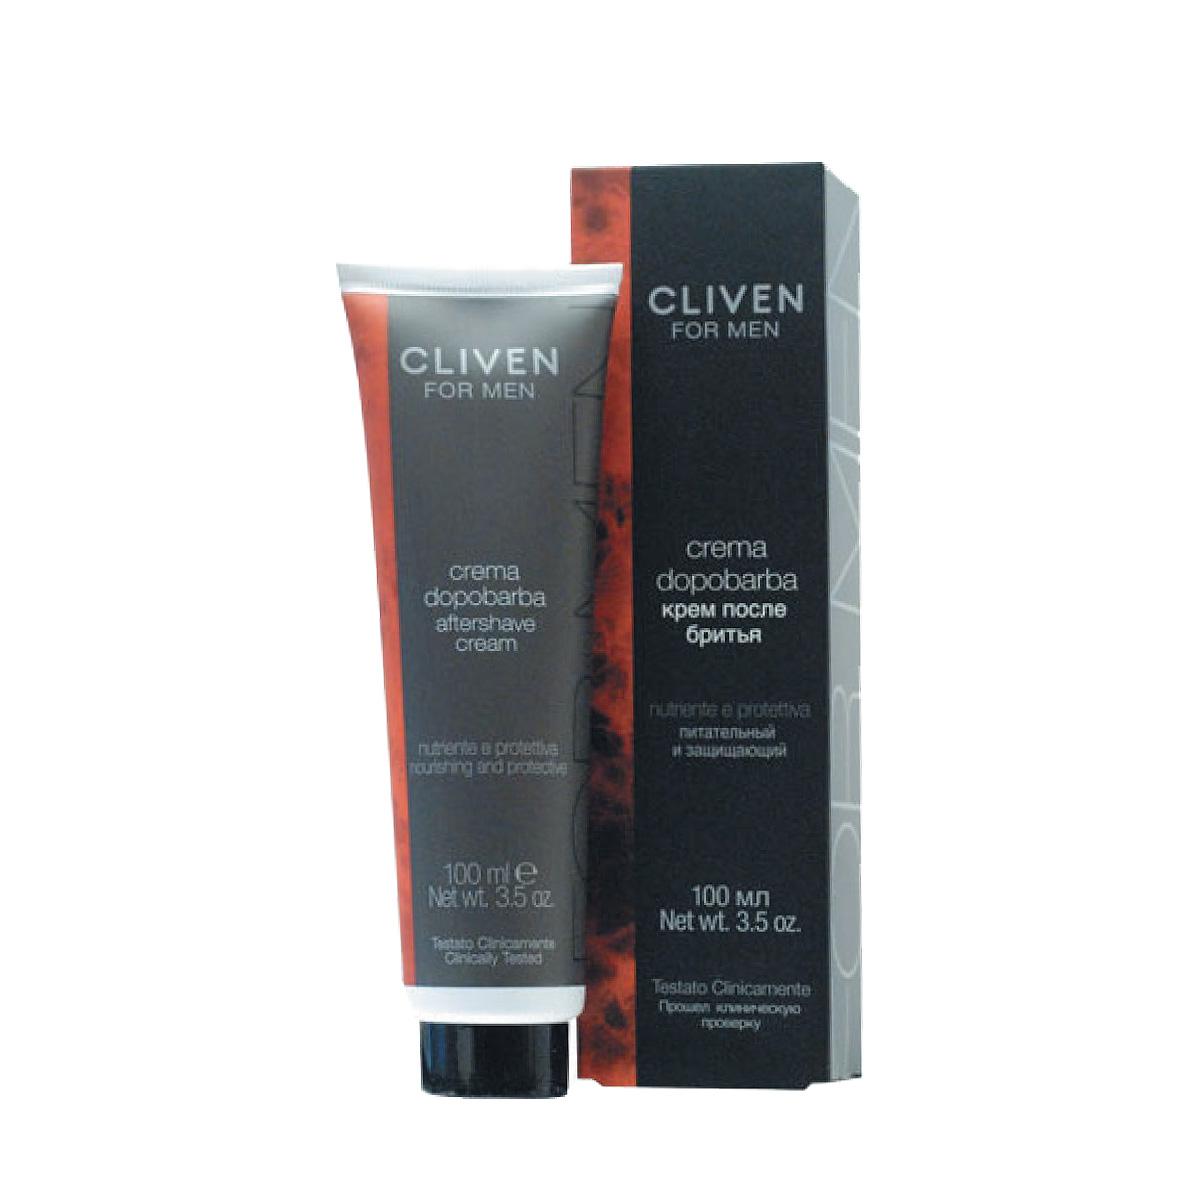 Cliven Крем после бритья 100млS2793105-1Содержит особую комбинацию натуральных экстрактов ментола, камфары и мяты. Уменьшает раздражение и покраснение, вызванное бритьем. Быстро впитывается в кожу, не оставляя жирного блеска.